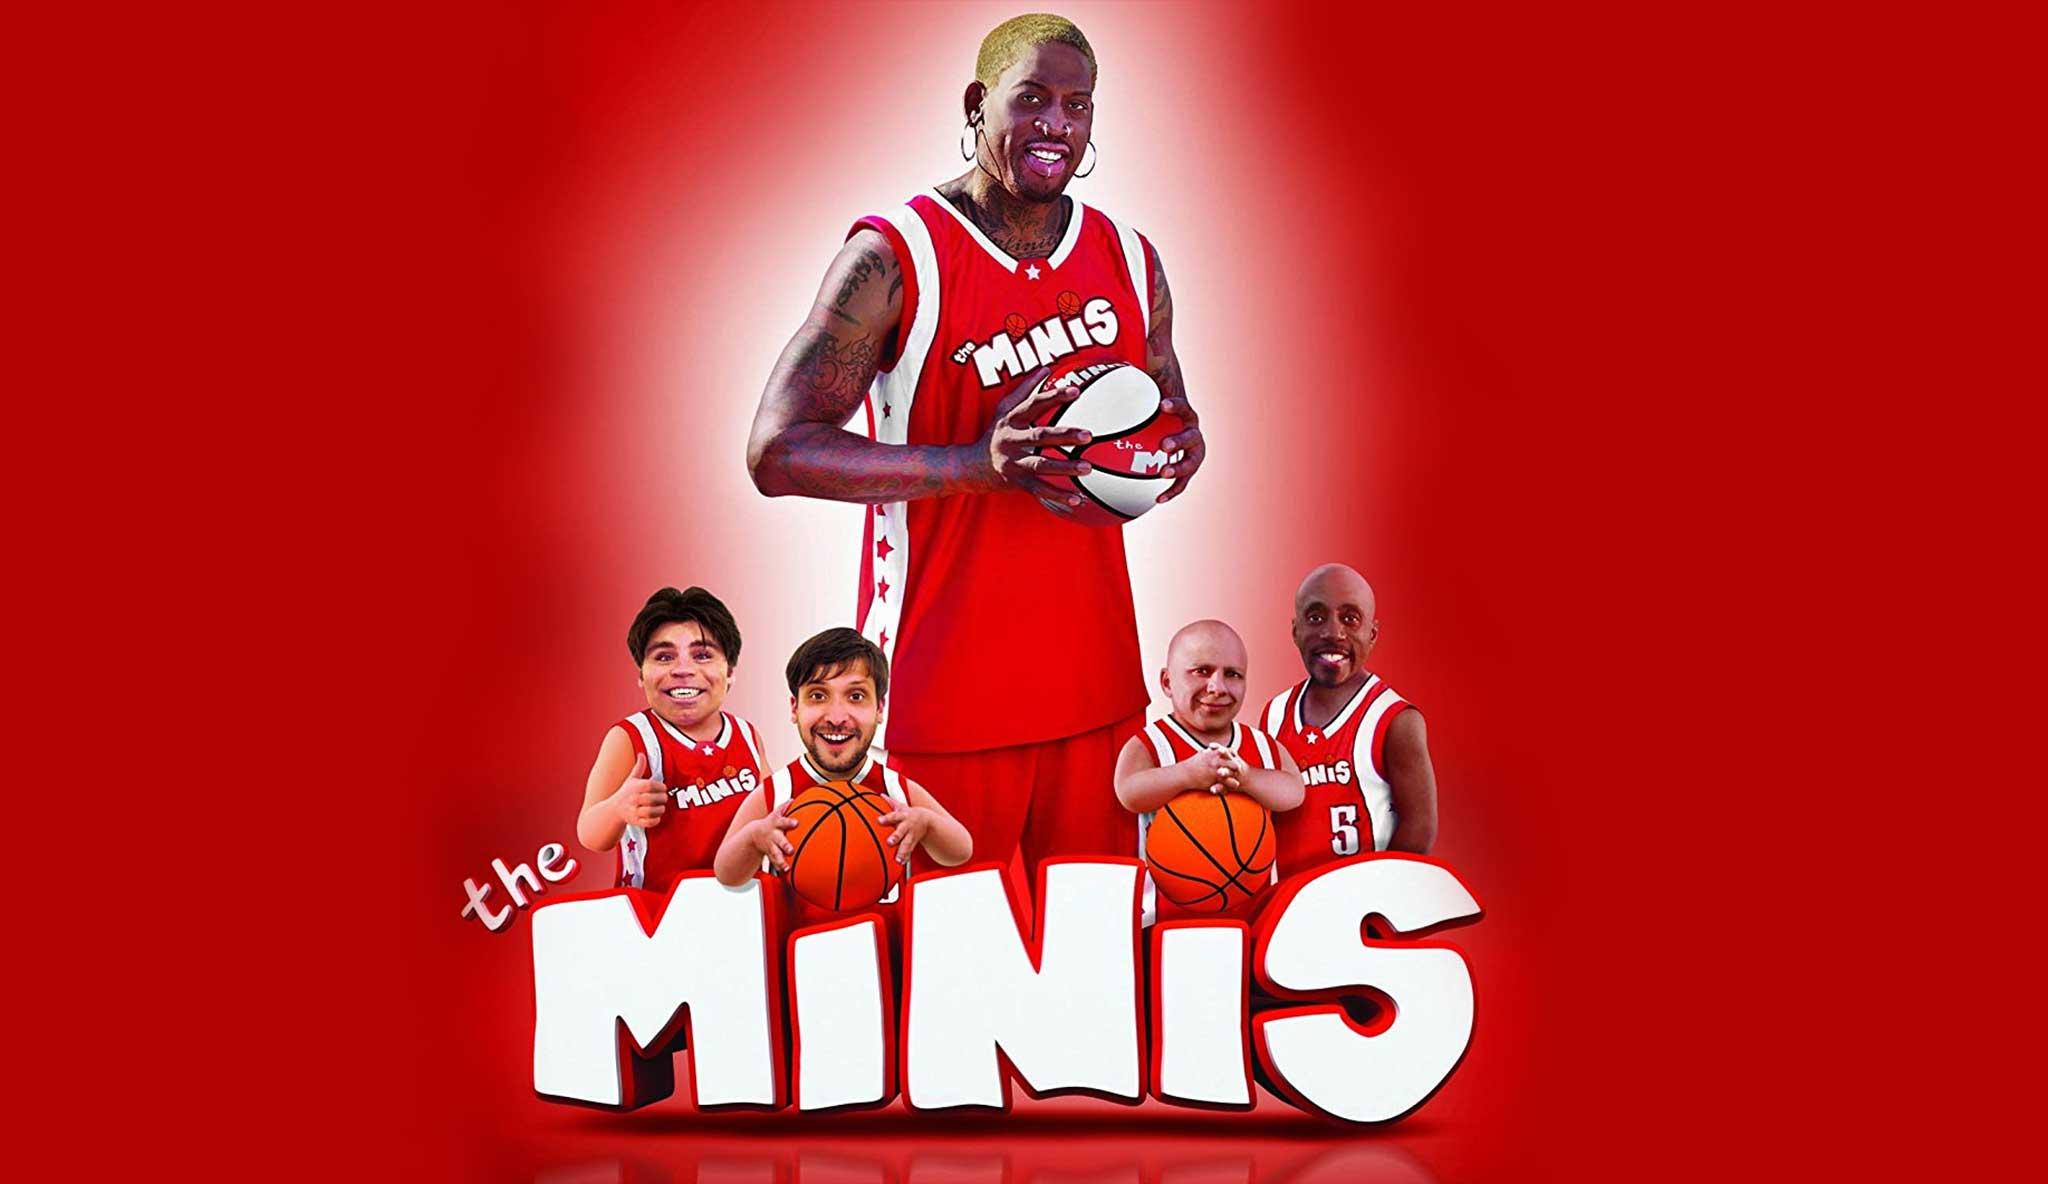 the-minis-2\header.jpg